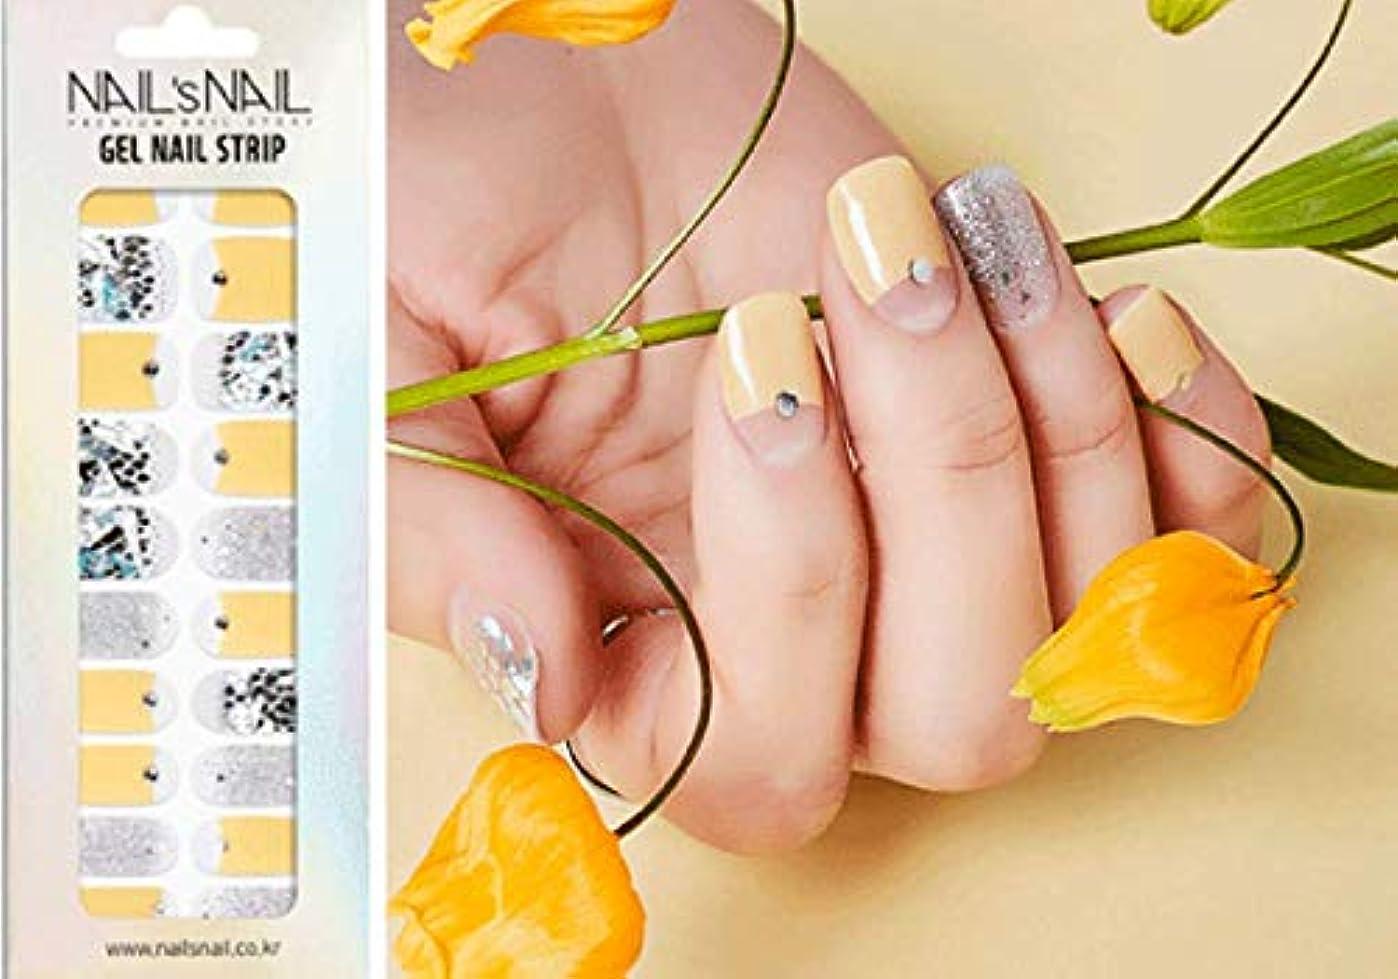 に対処する明らか仕える\貼るジェルネイル/Nail's Nail(ネイルスネイル) ジェルネイルストリップ 113